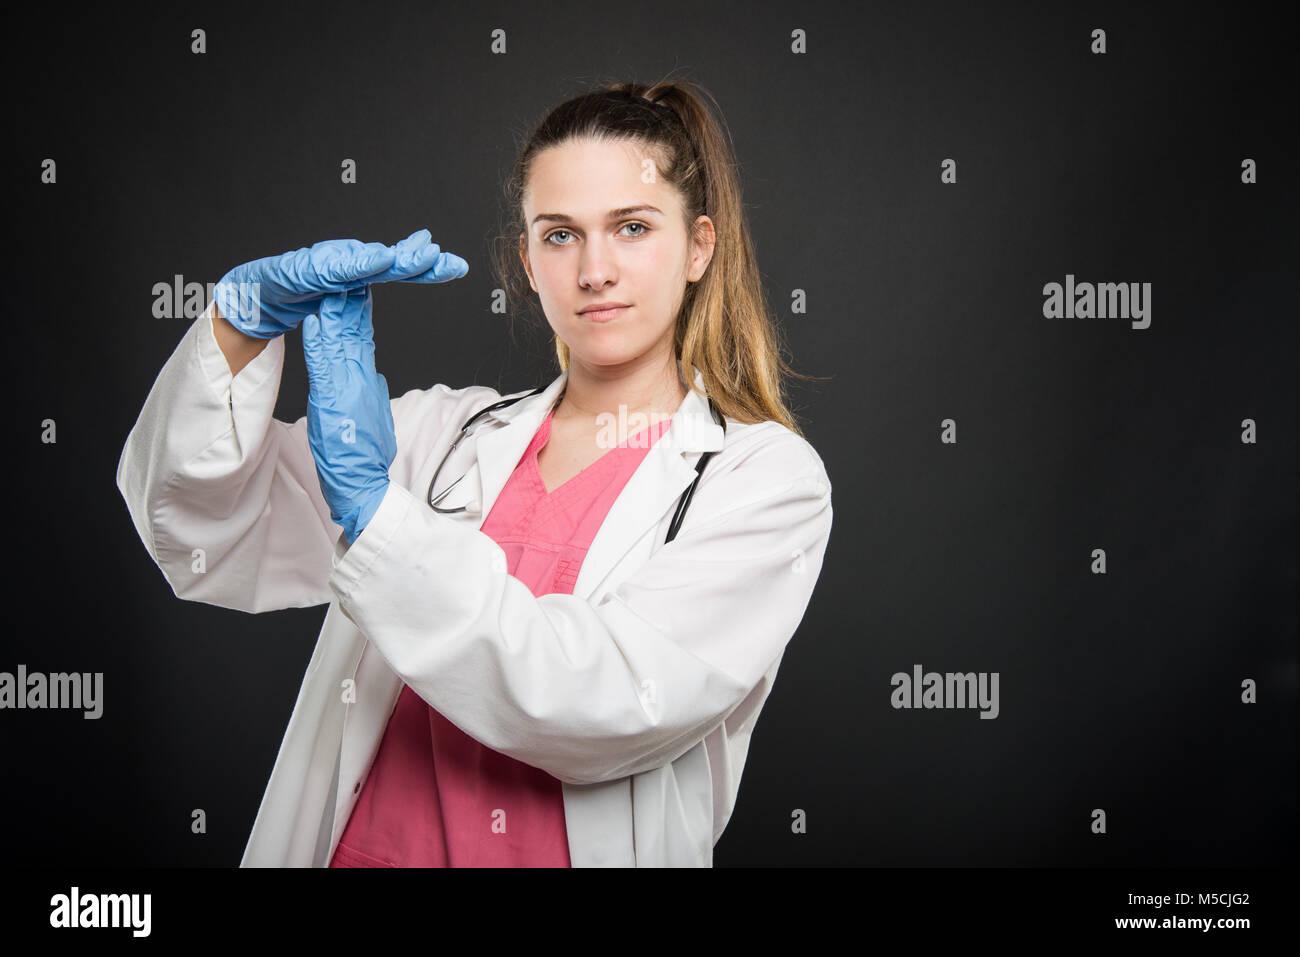 Giovane medico ritratto indossare accappatoio mostrando fuori tempo gesto su sfondo nero con copyspace area pubblicitaria Immagini Stock